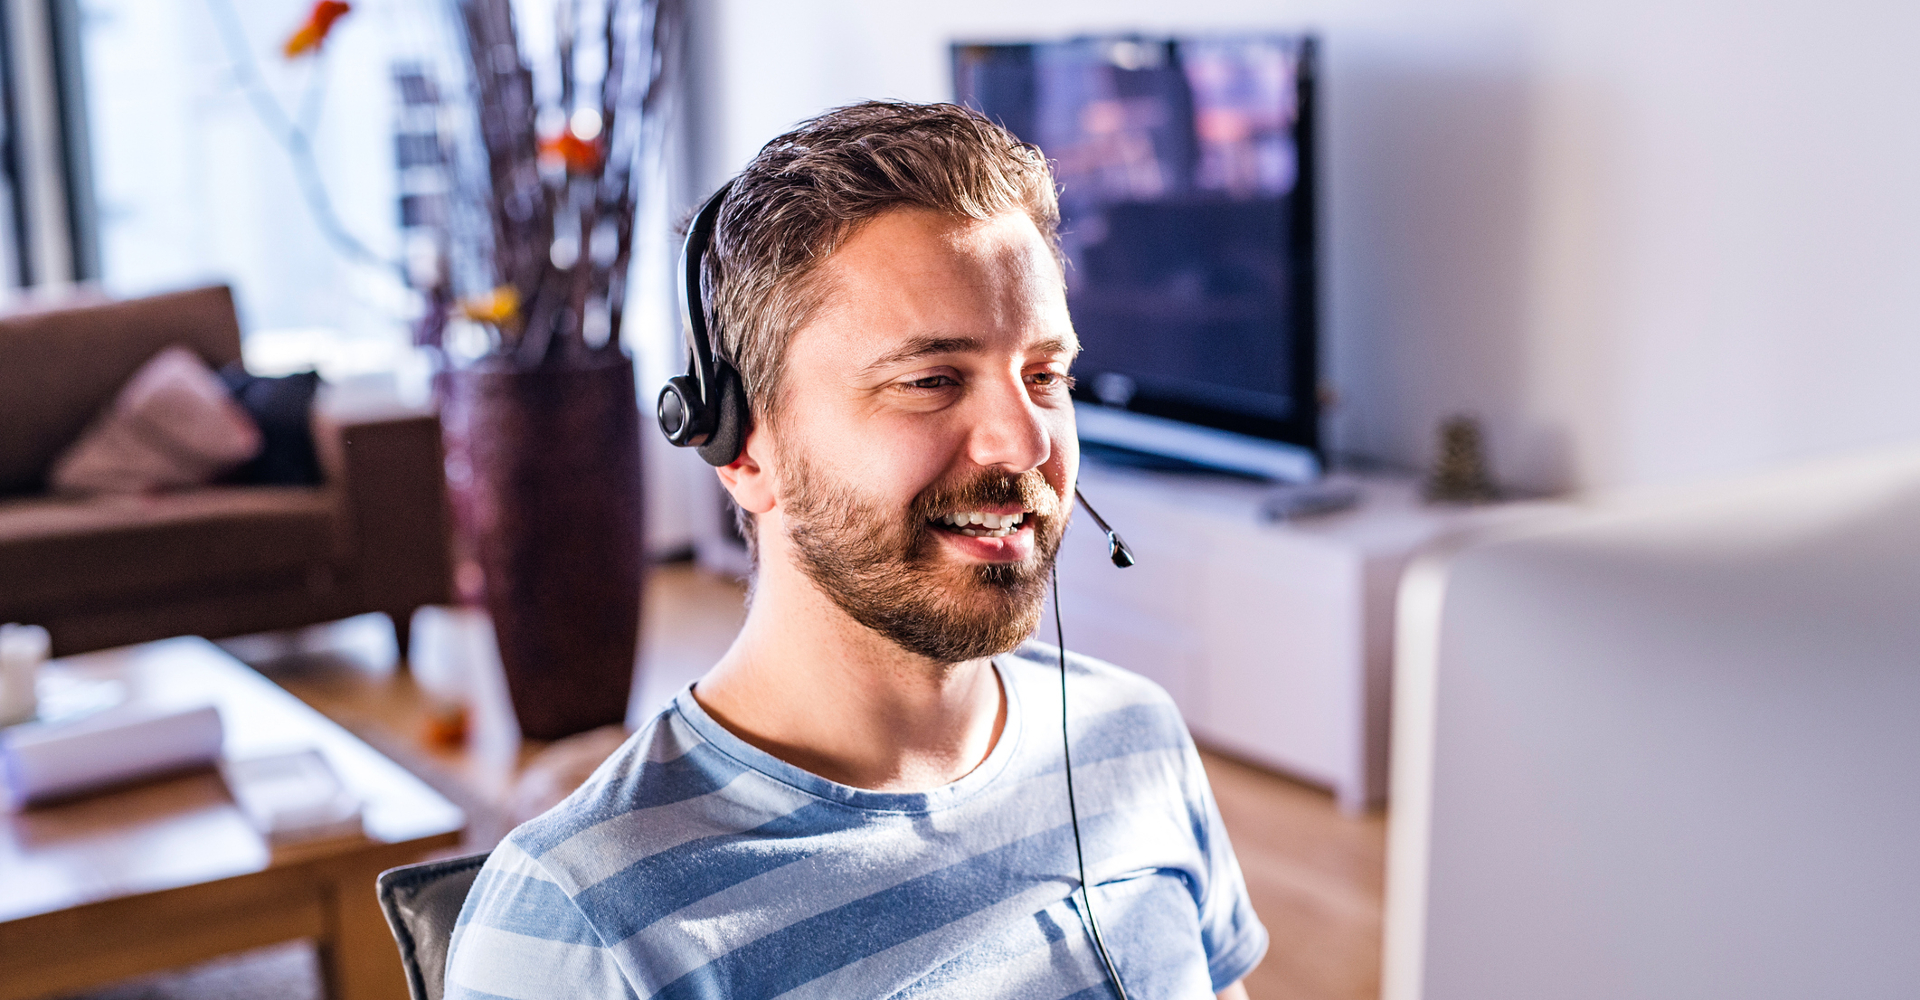 Mann nutzt Büro Technologie im Homeoffice